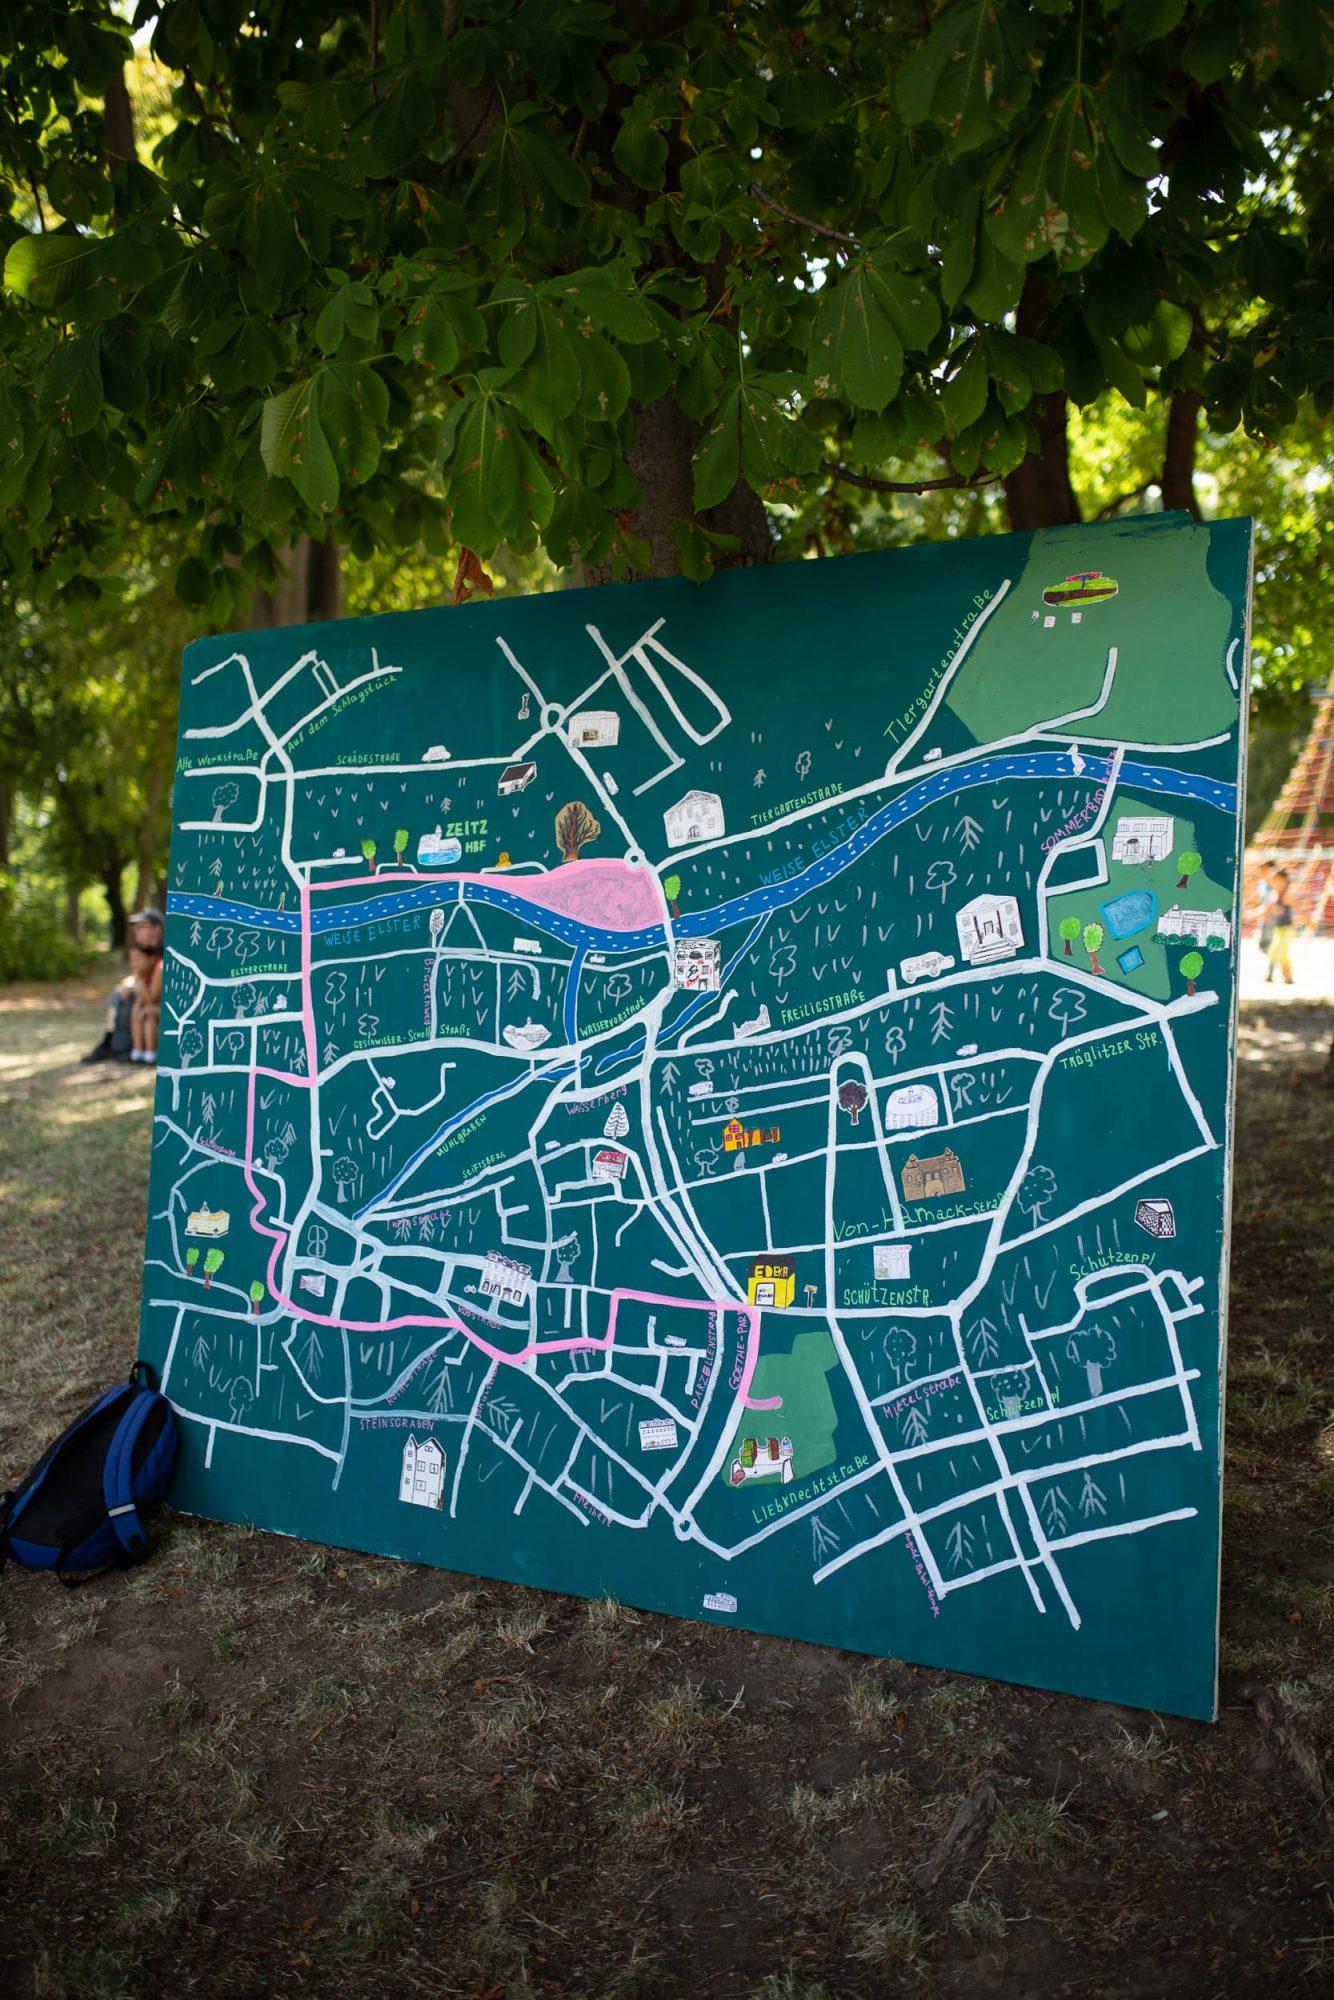 Eine tafel mit dem Ablaufplan der großen Parade durch die Innenstadt Zeitz.